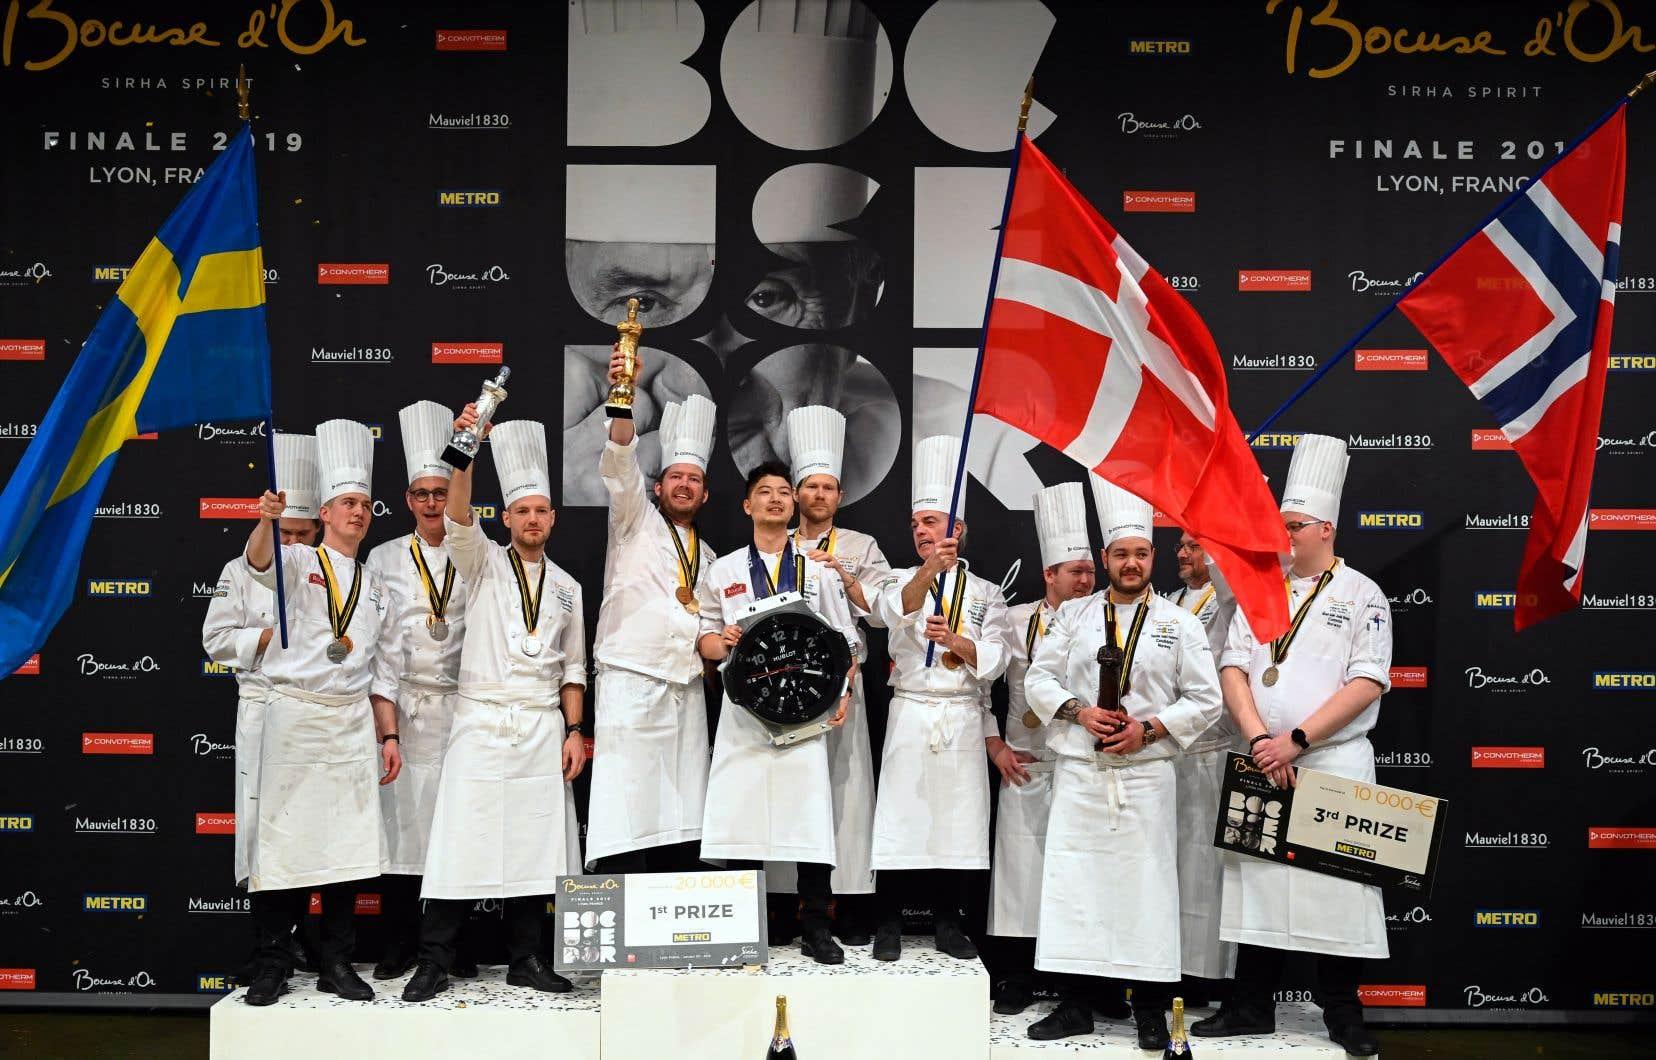 Cela fait deux années consécutives que l'équipe danoise remporte l'or. C'est le lauréat du Bocuse d'Or 2011, Rasmus Kofoed, qui a entraîné l'équipe de cette année, menée par le chef Kenneth Toft-Hansen et le commis Christian Wellendorf.